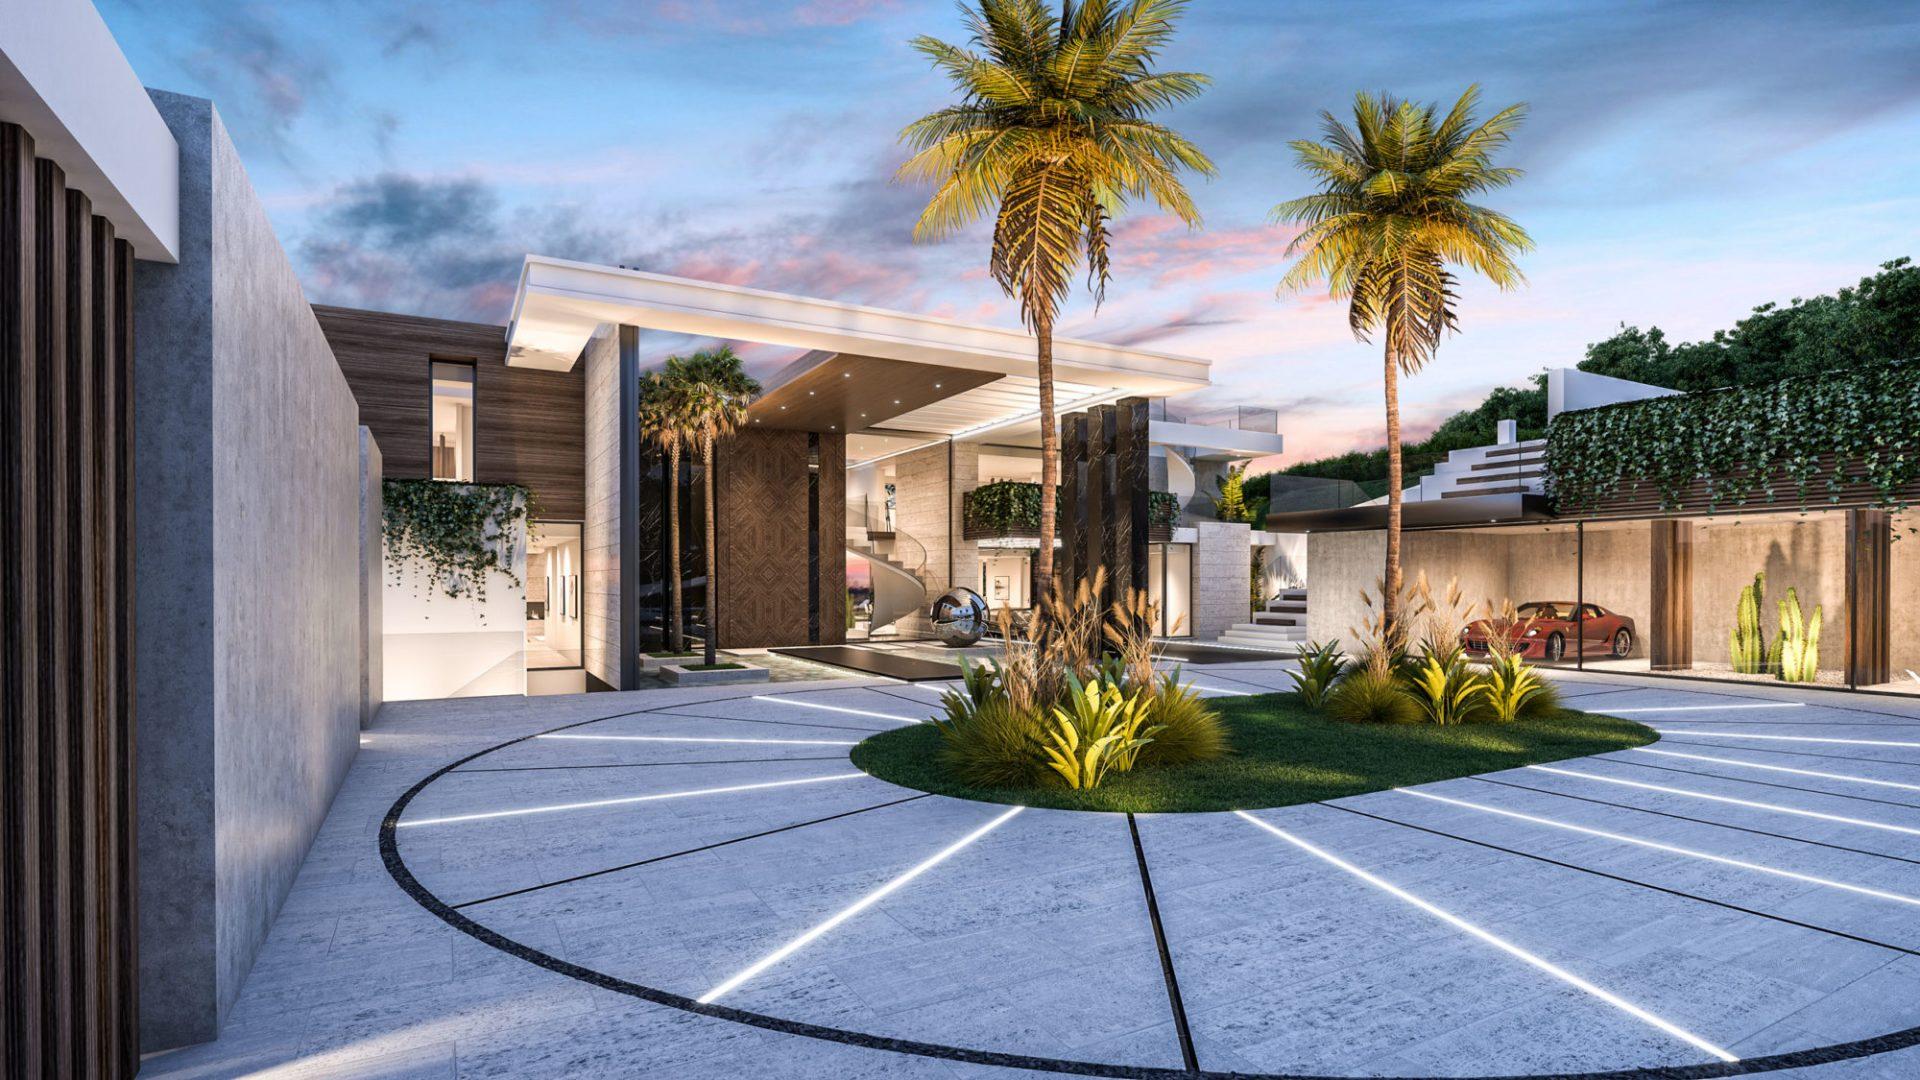 new-architecture-design-luxuryvilla-zagaleta-marbella-04-2000x1125